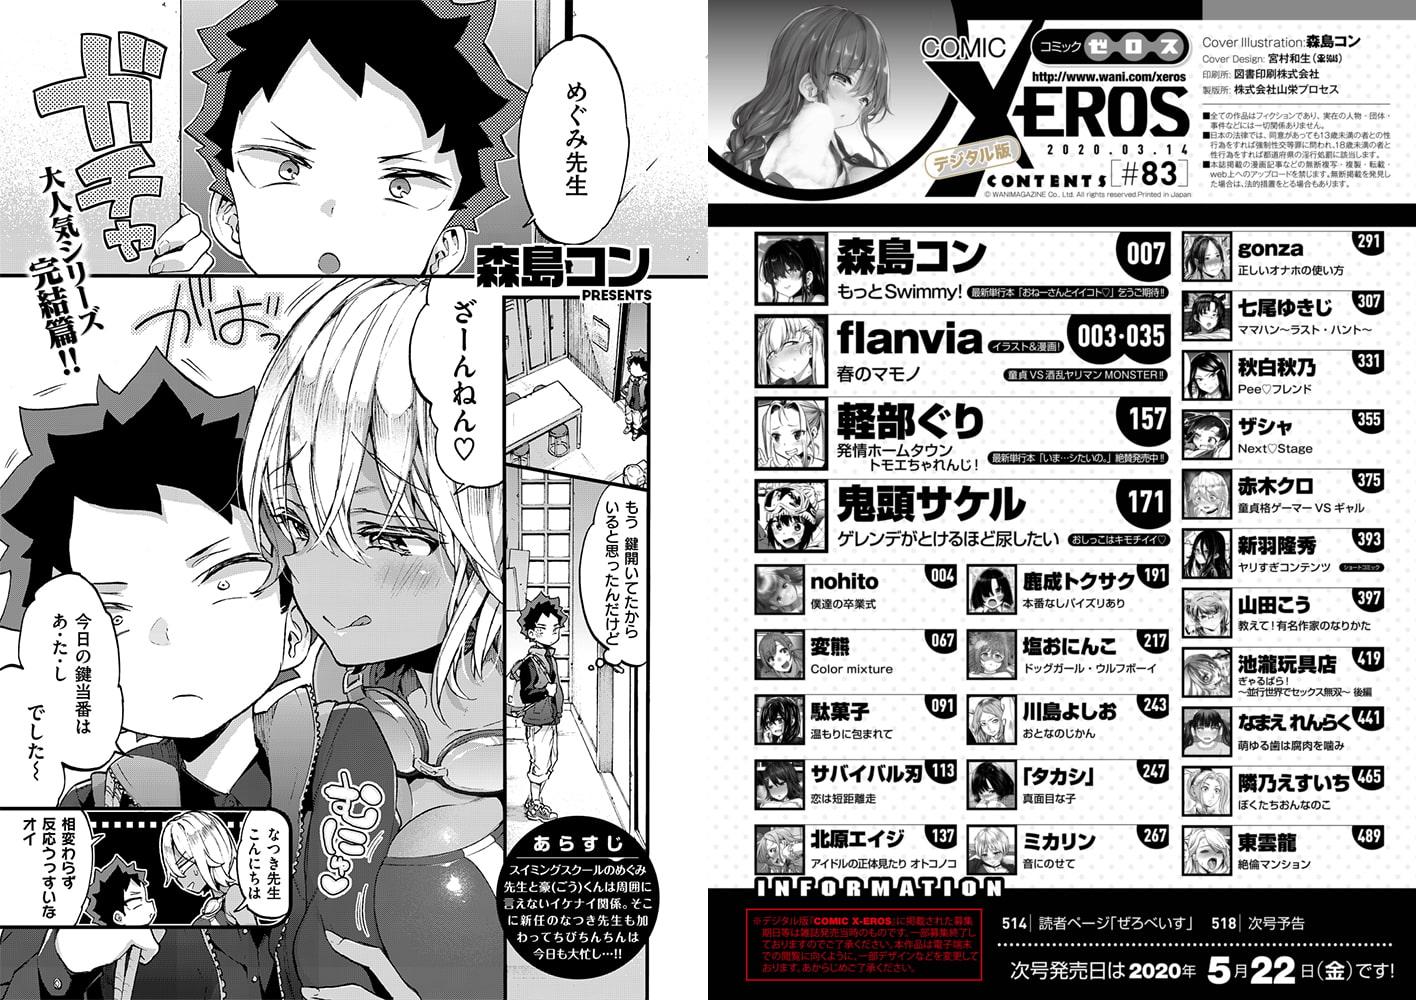 COMIC X-EROS #83